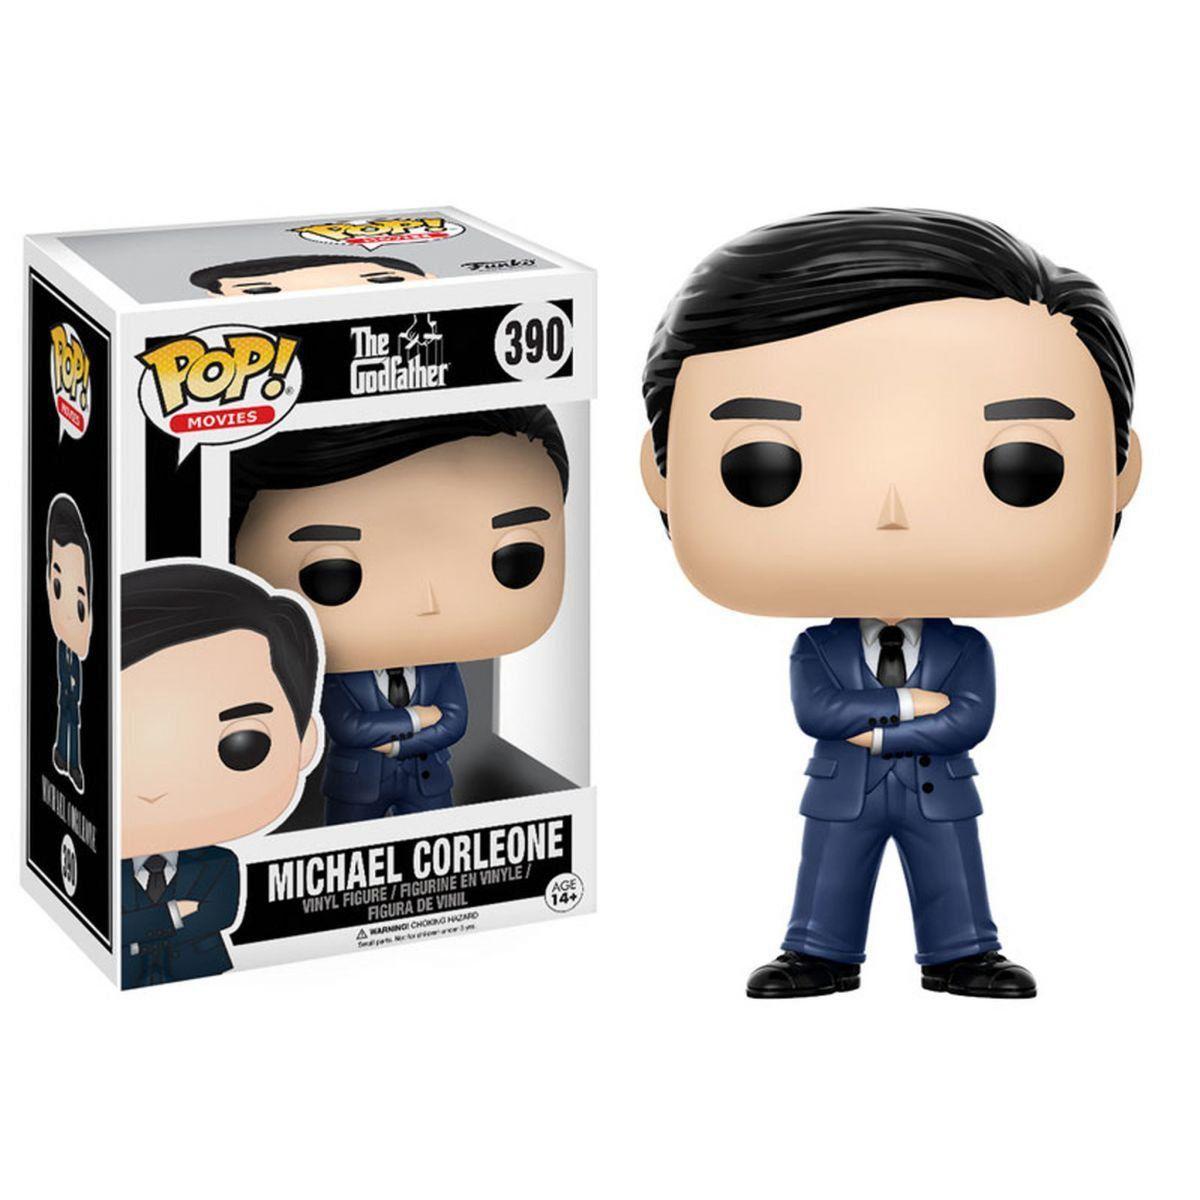 Funko Pop Michael Corleone: O Poderoso Chefão (The Godfather) #390 - Funko